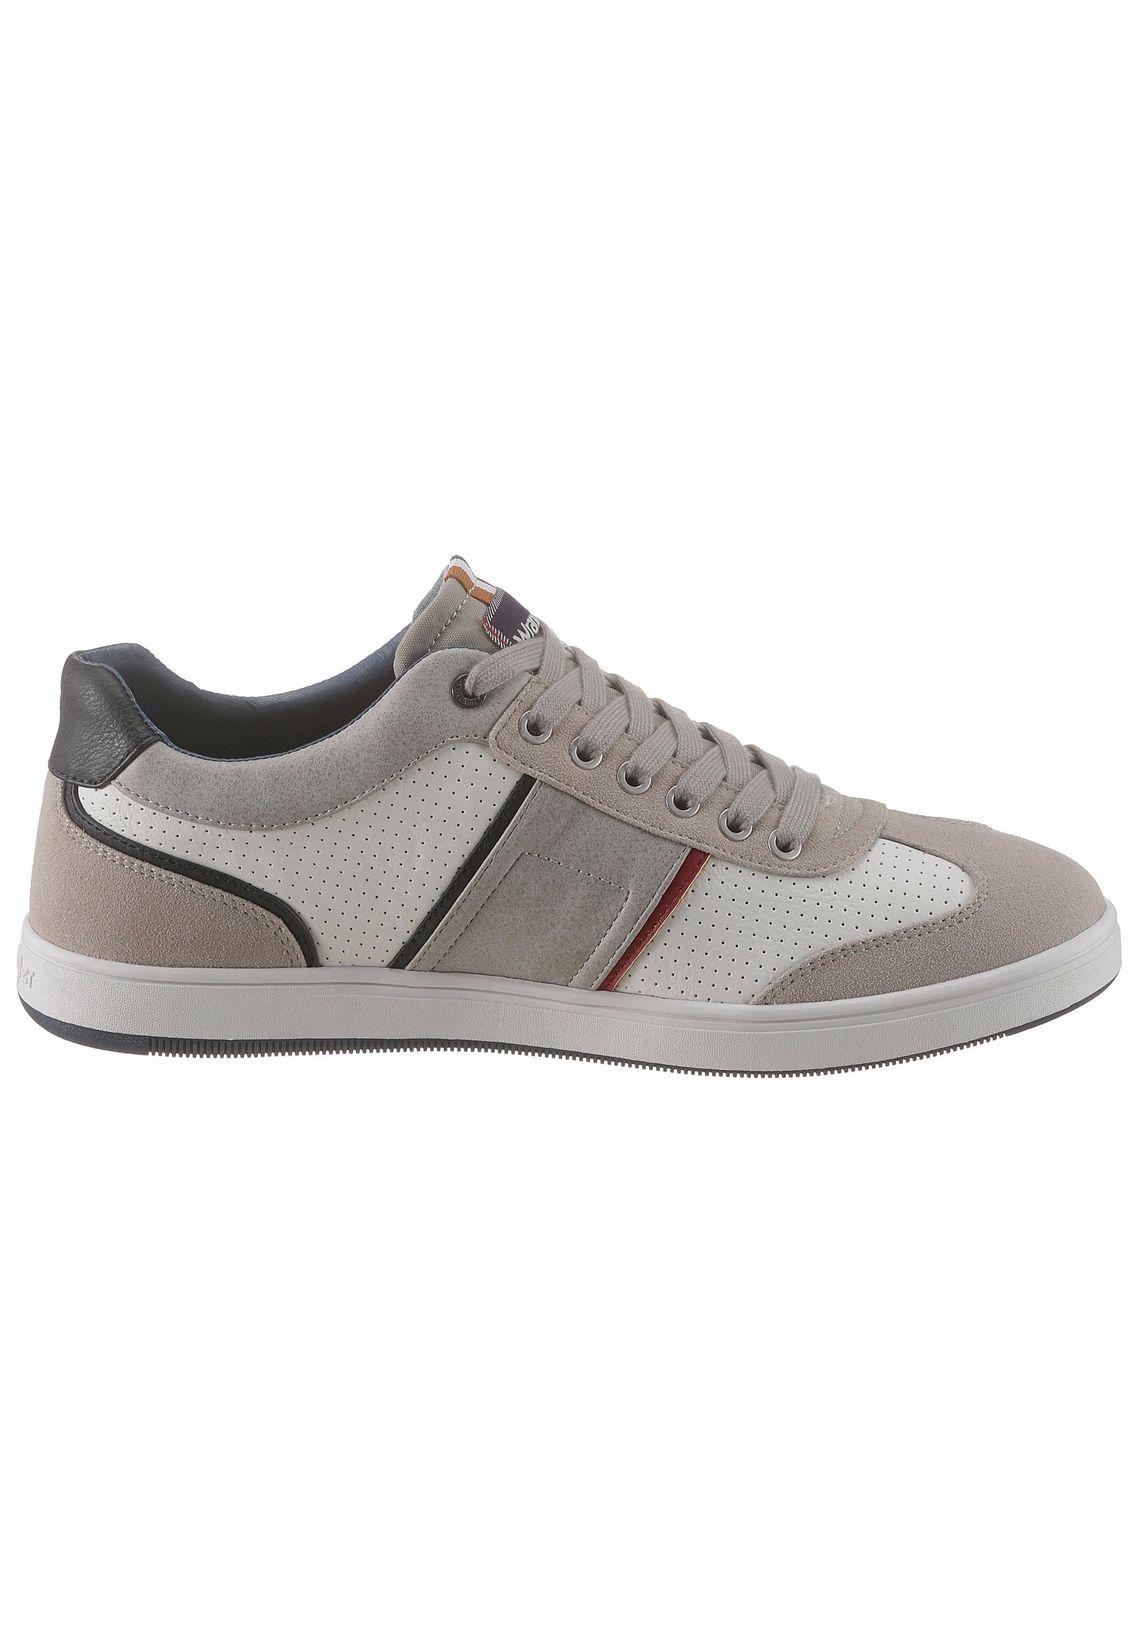 Wrangler sneakers  Marshall Swallow makkelijk besteld  wit/grijs